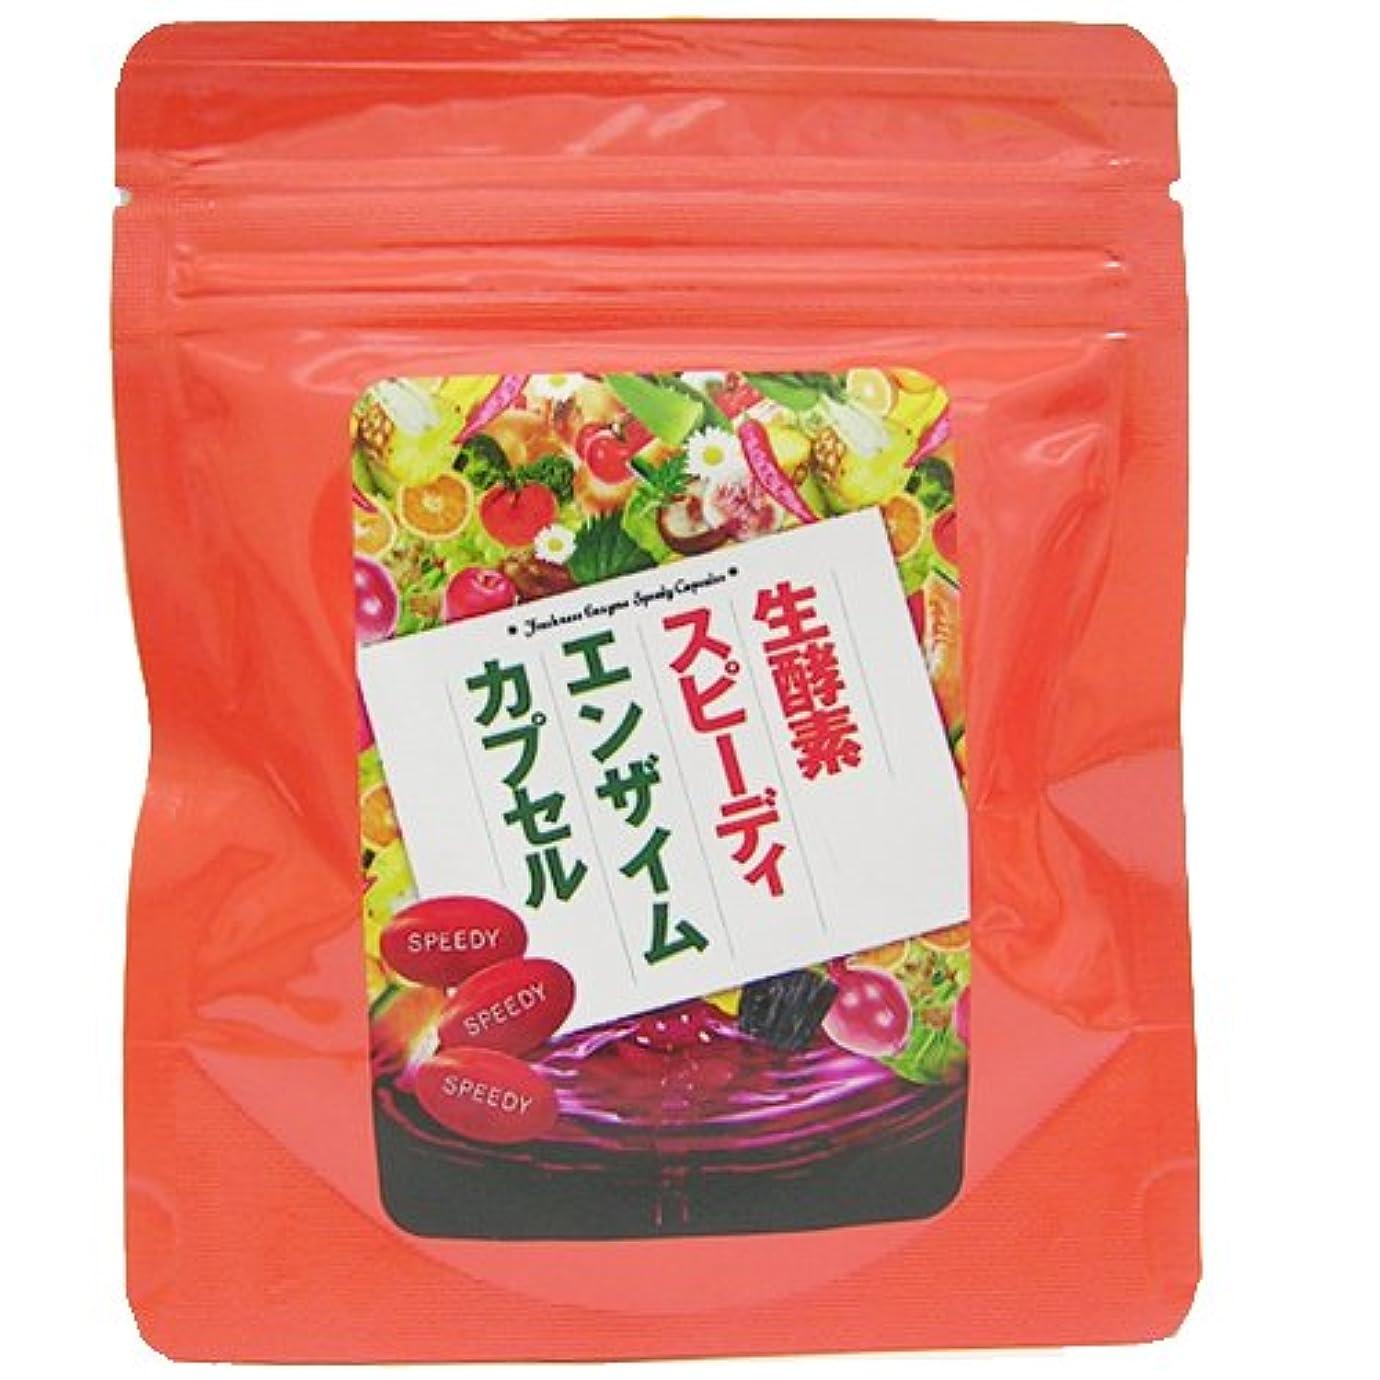 嵐キャッシュ普通にロイヤルビューティーシリーズ  新鮮生酵素ダイエット